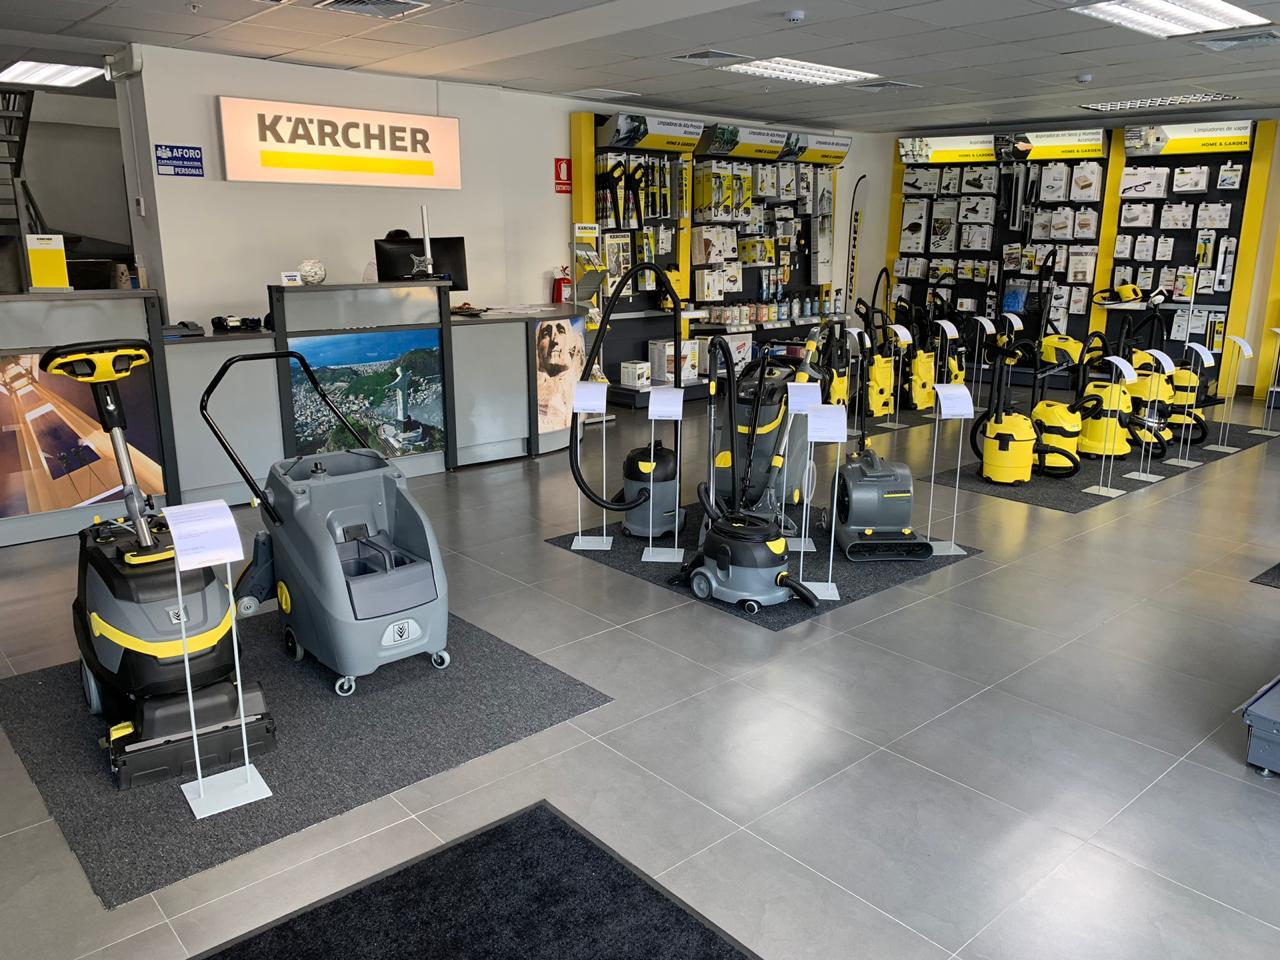 karcher-center-revista-mototec